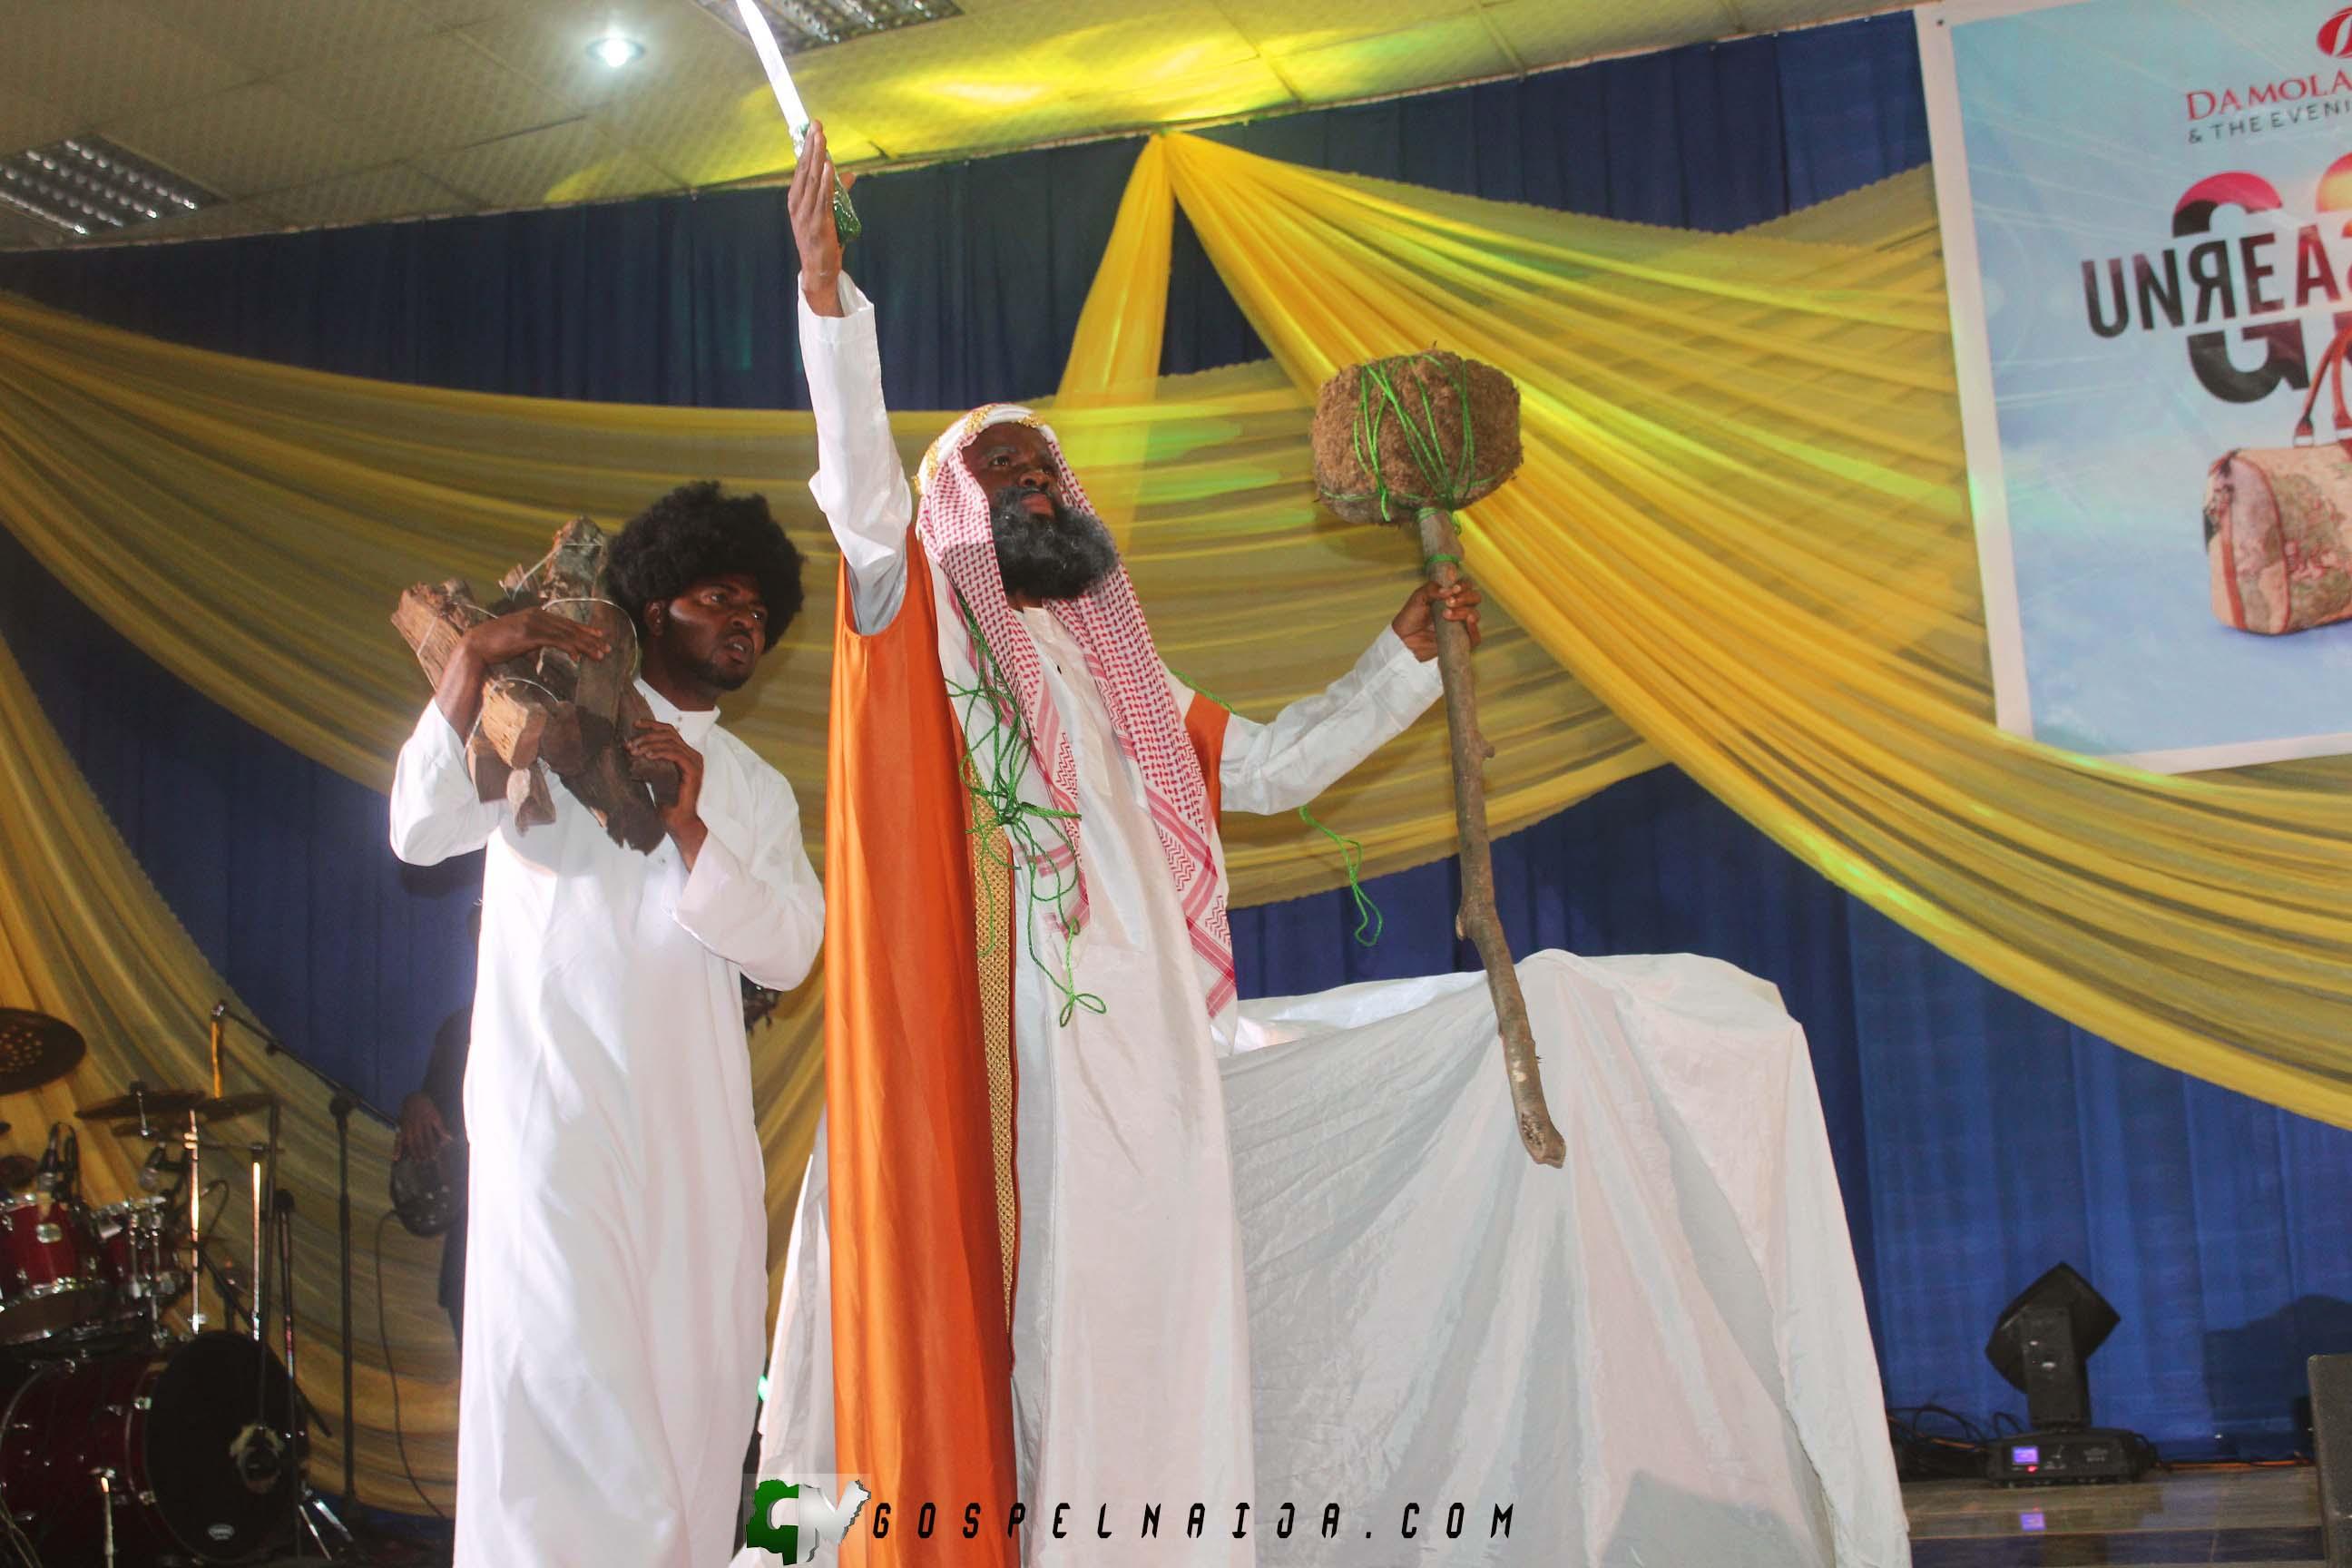 UNREASONABLE GOD with Damola Akiogbe WAYA 2017 [@DamolaWAYA] (25)